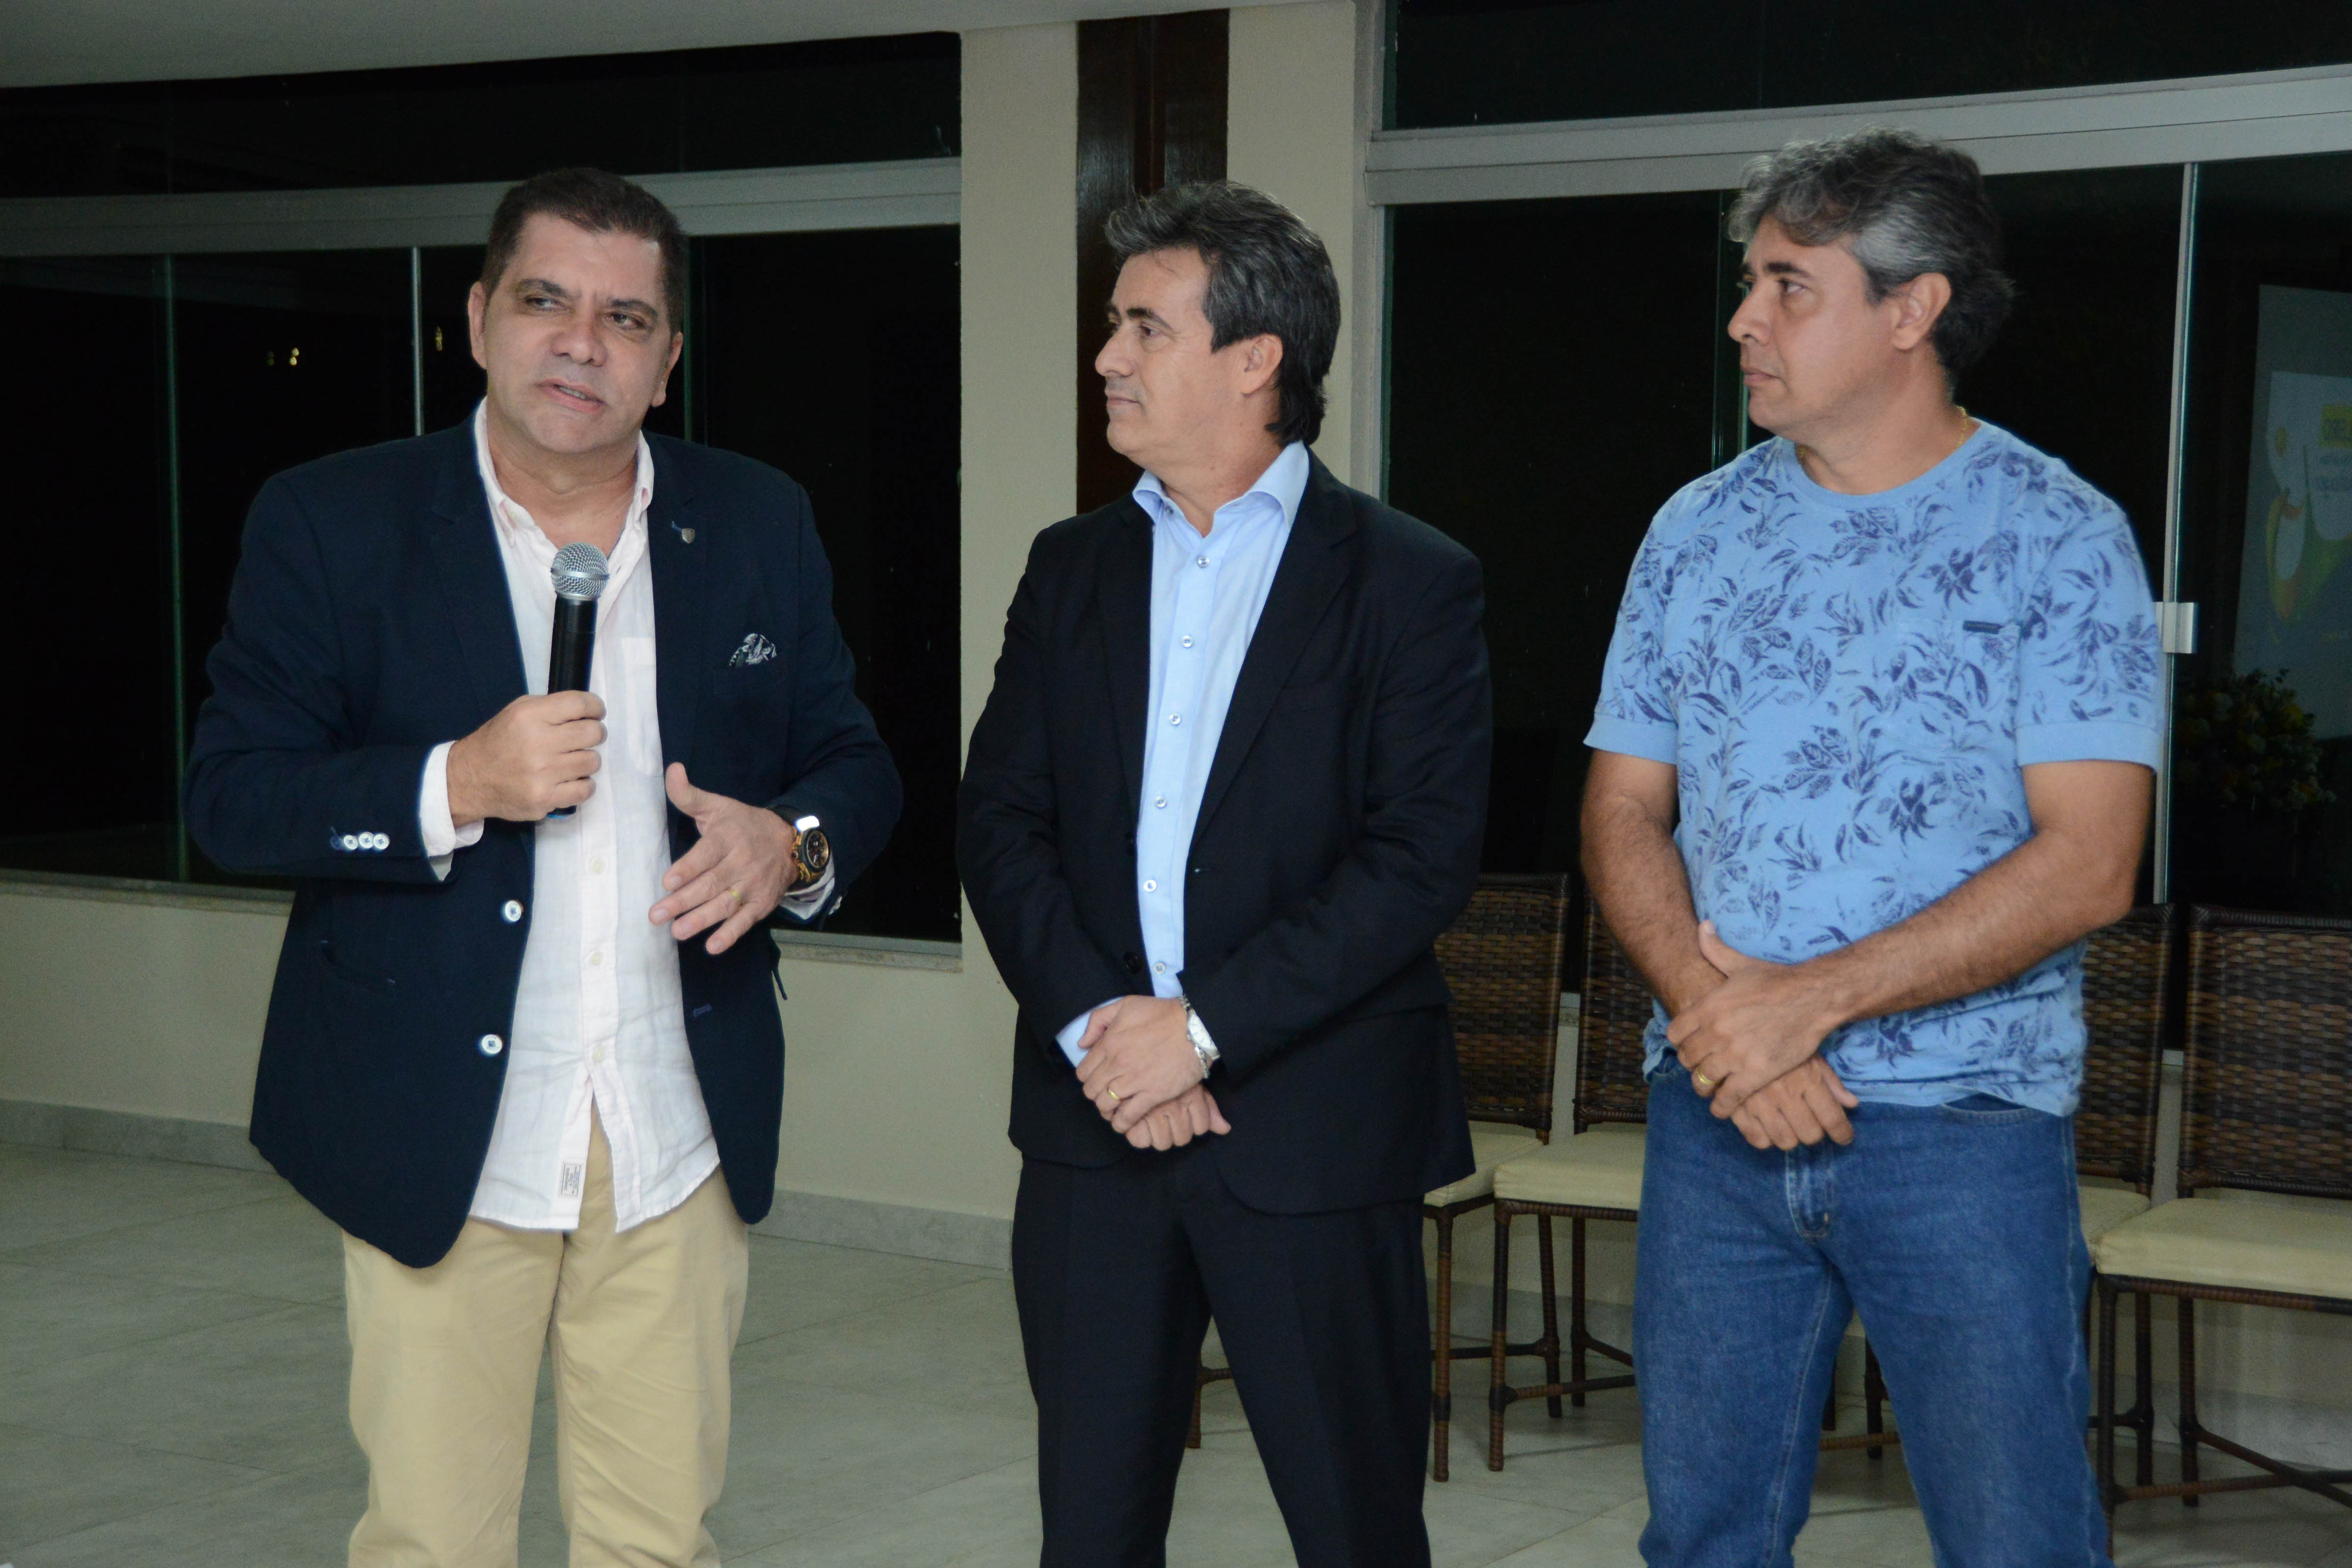 image(Da esq/dir.) Amastha, superintendente regional do BB, Célio Chagas Cintra, e presidente da Federação Tocantinense de Vôlei, Ricardo Abalem